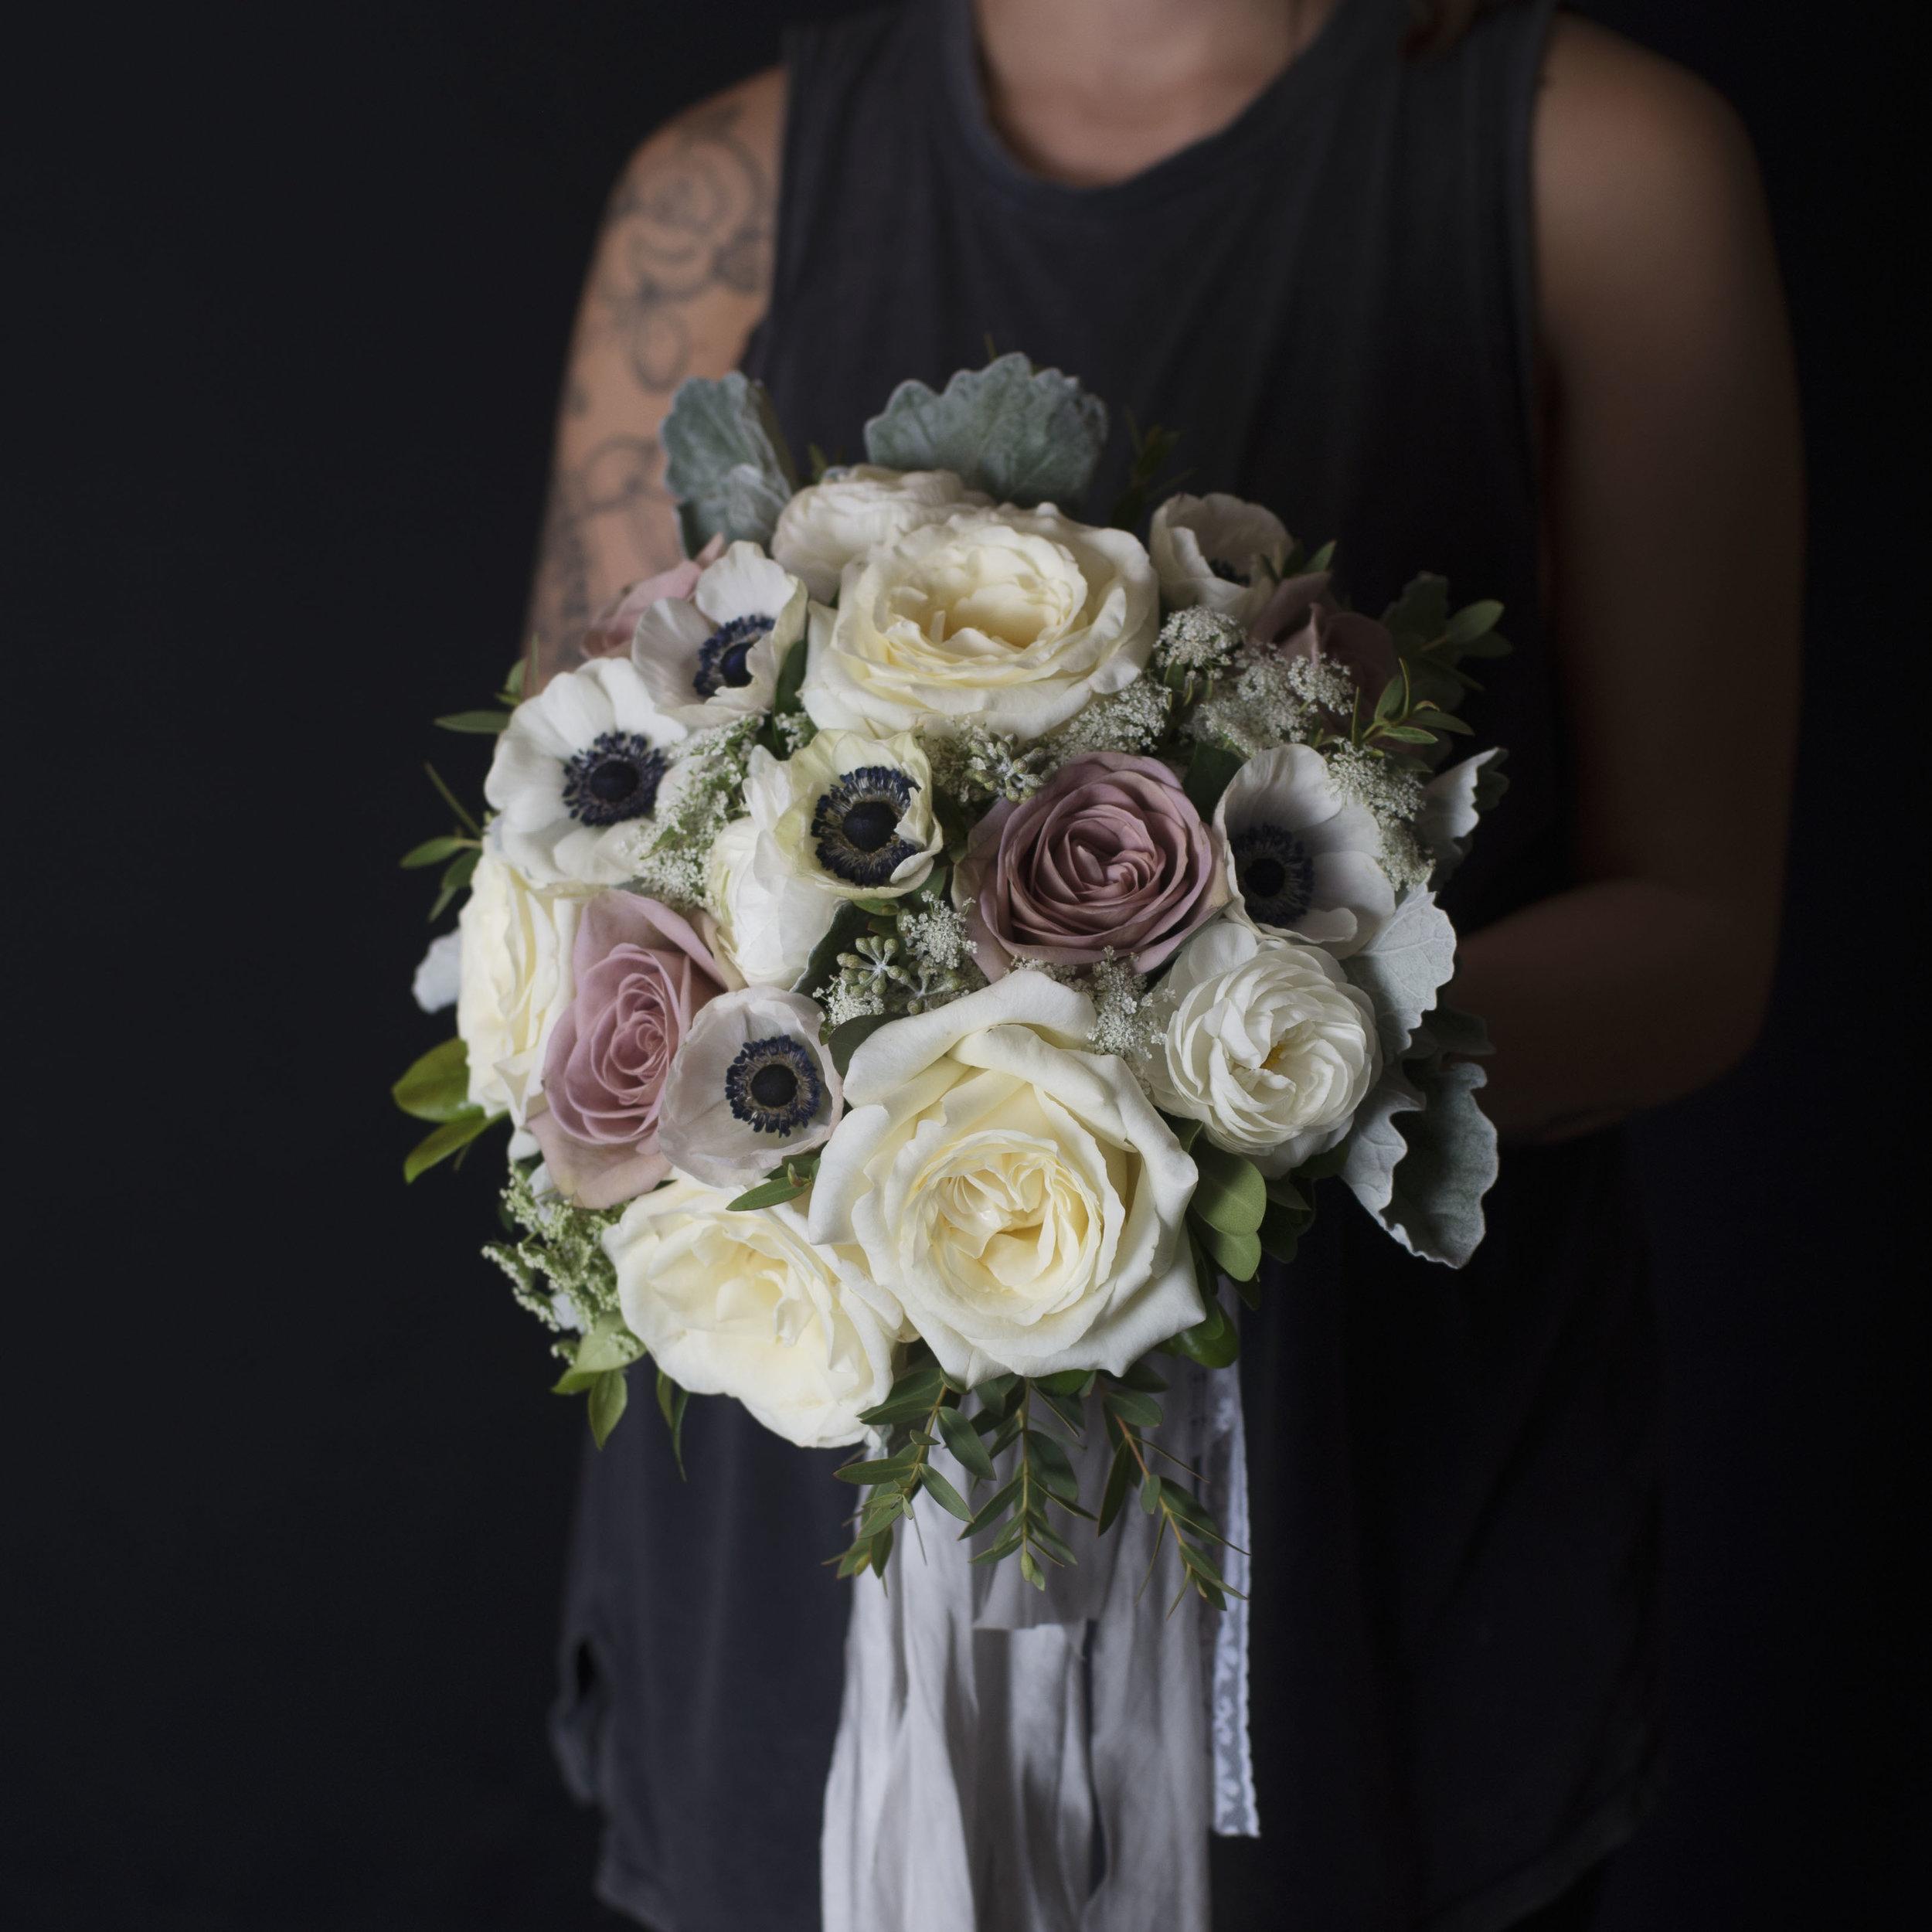 Tiffany's Bridal Bouquet